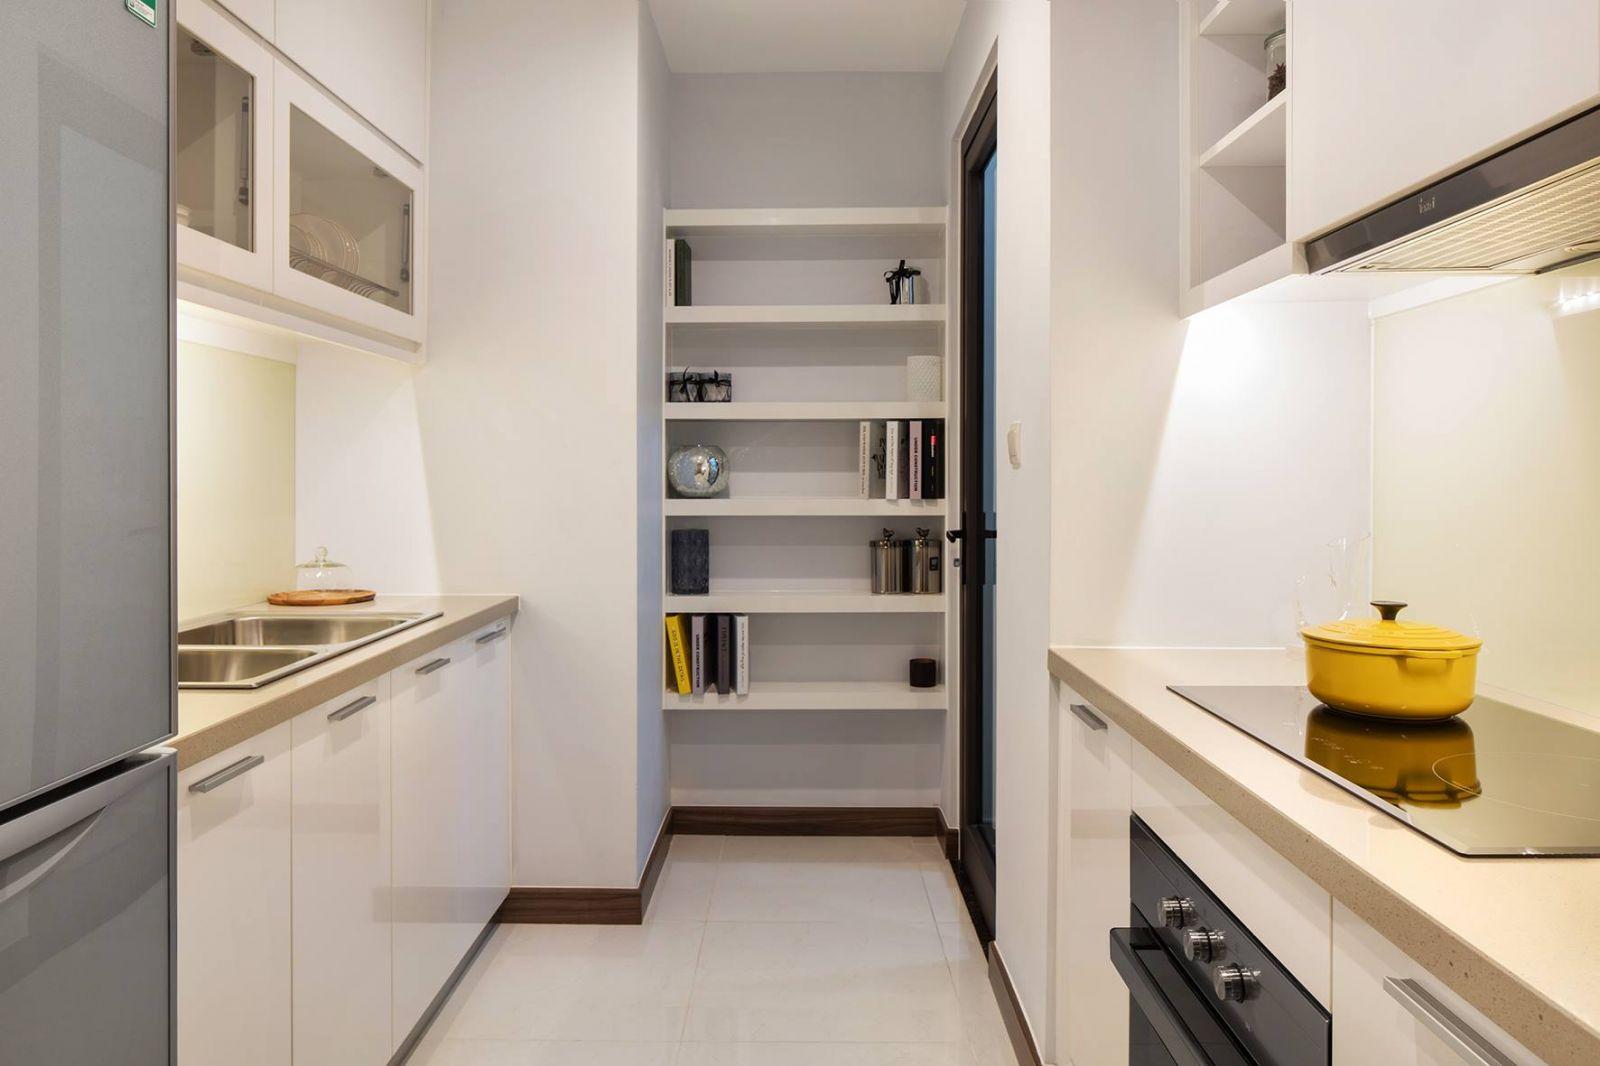 Khu vực bếp được thiết kế hiện đại tại Hado Green Lane Quận 8